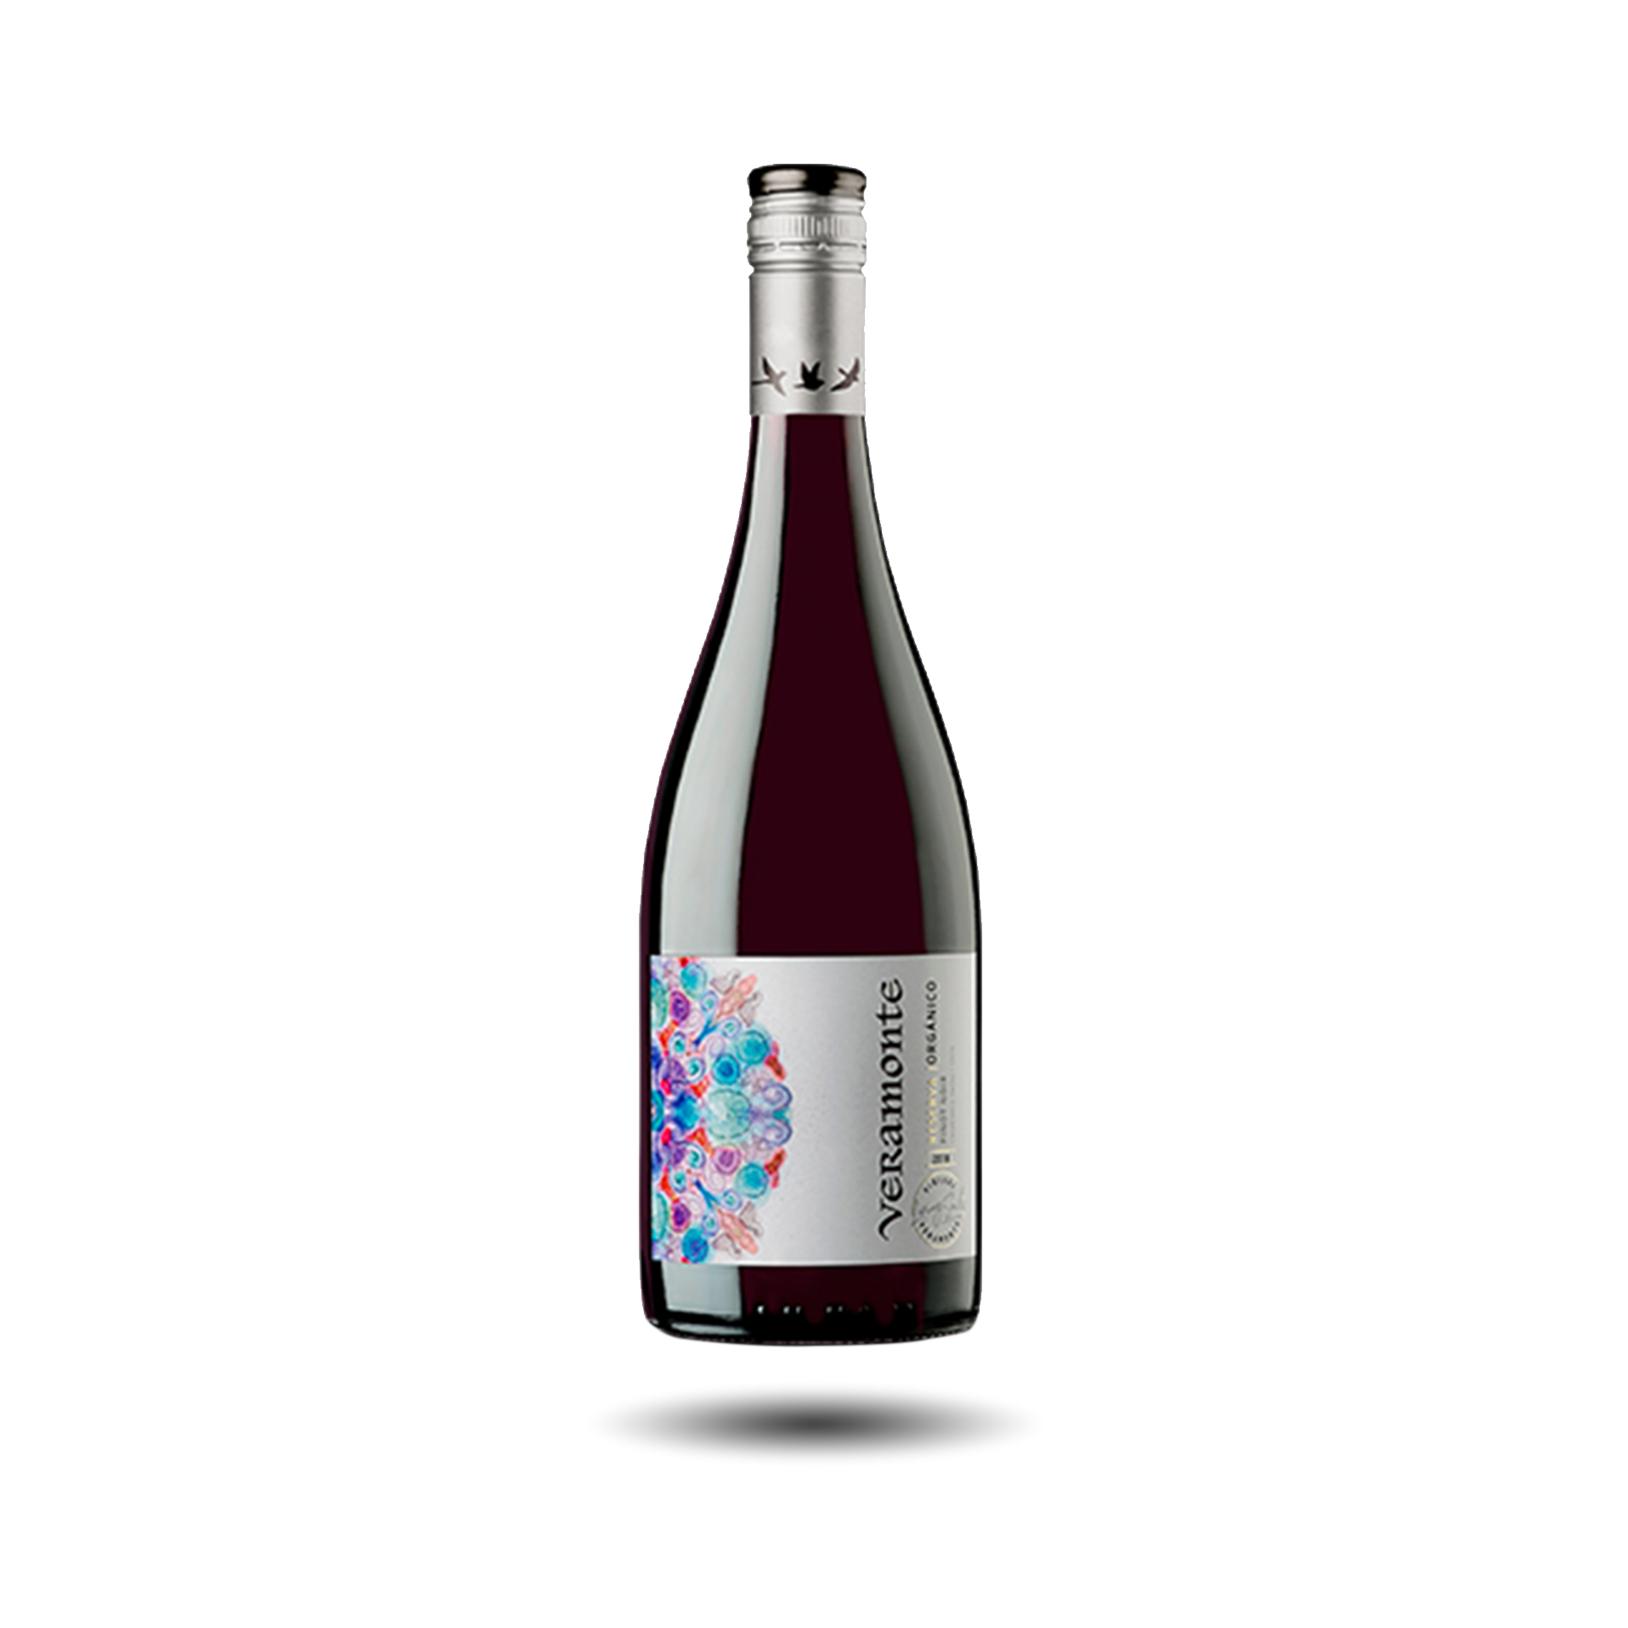 Veramonte - Reserva, Pinot Noir, 2017